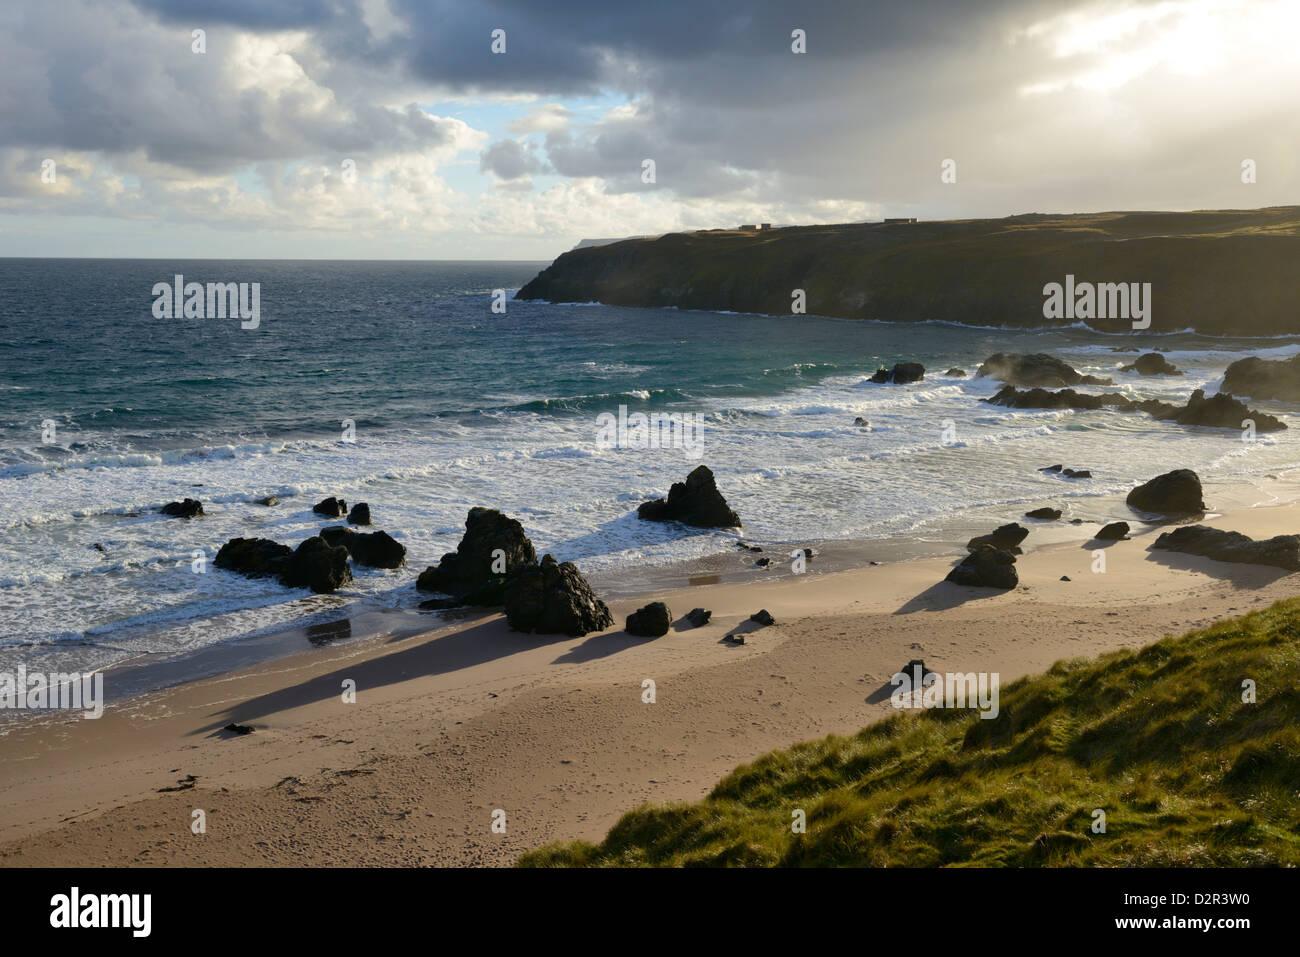 Rugged rocky shoreline, Sango Bay, Durness, Highlands, Scotland, United Kingdom, Europe - Stock Image